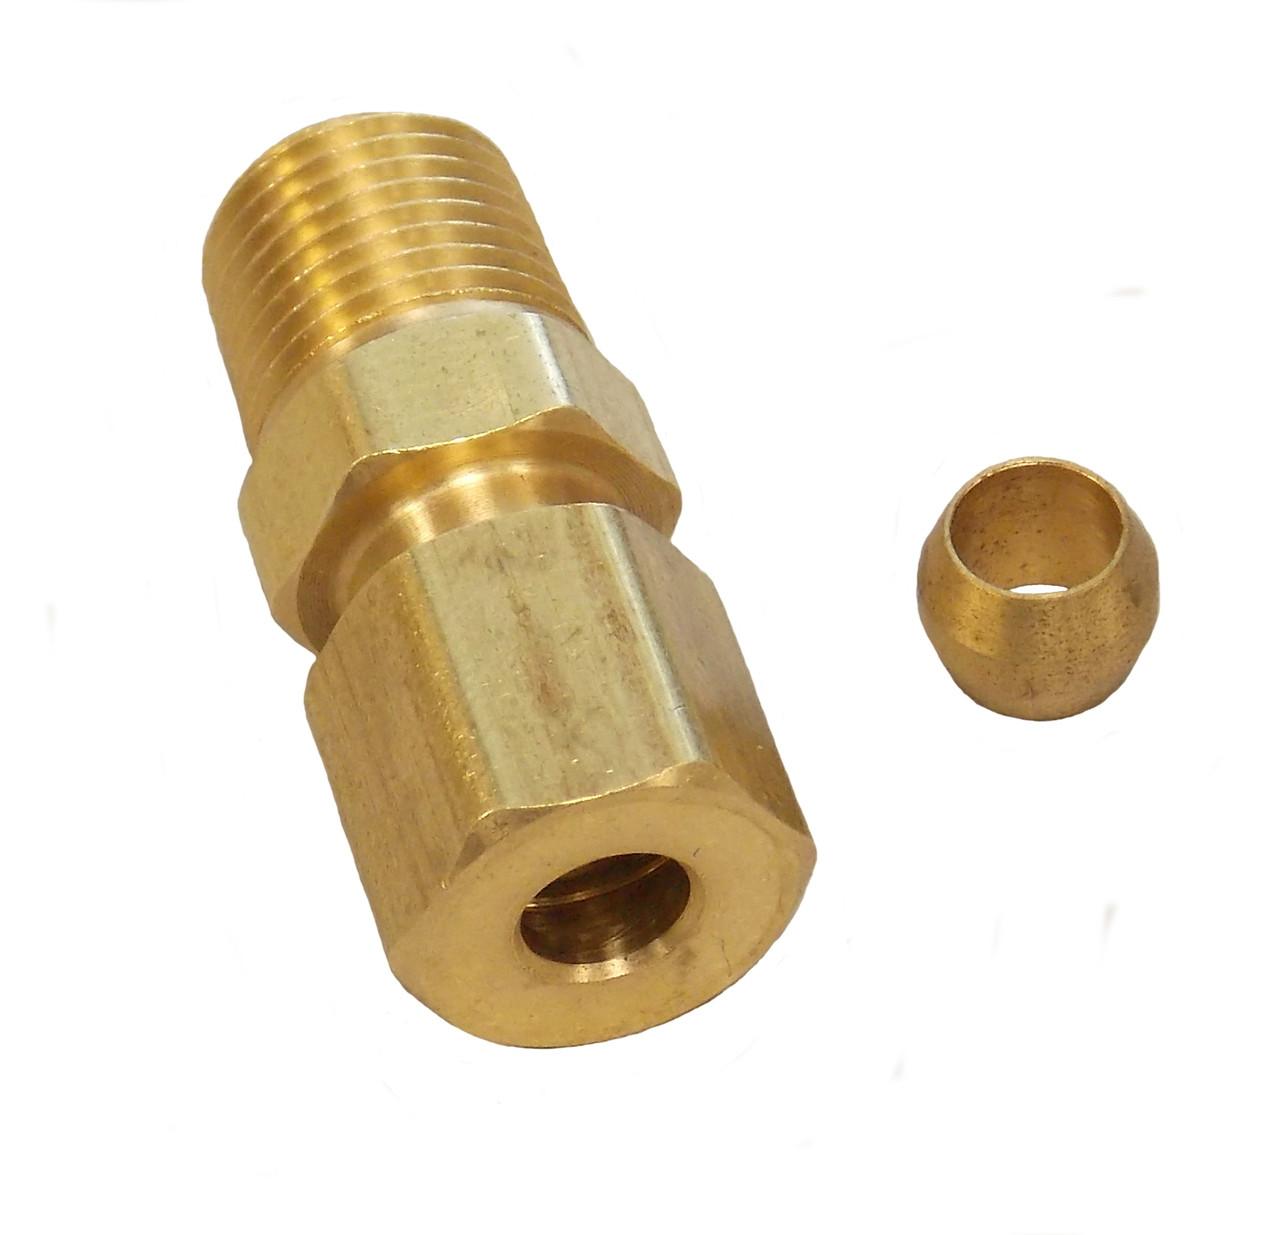 2100B 3/16 x 1/8 MPT Compression Fitting